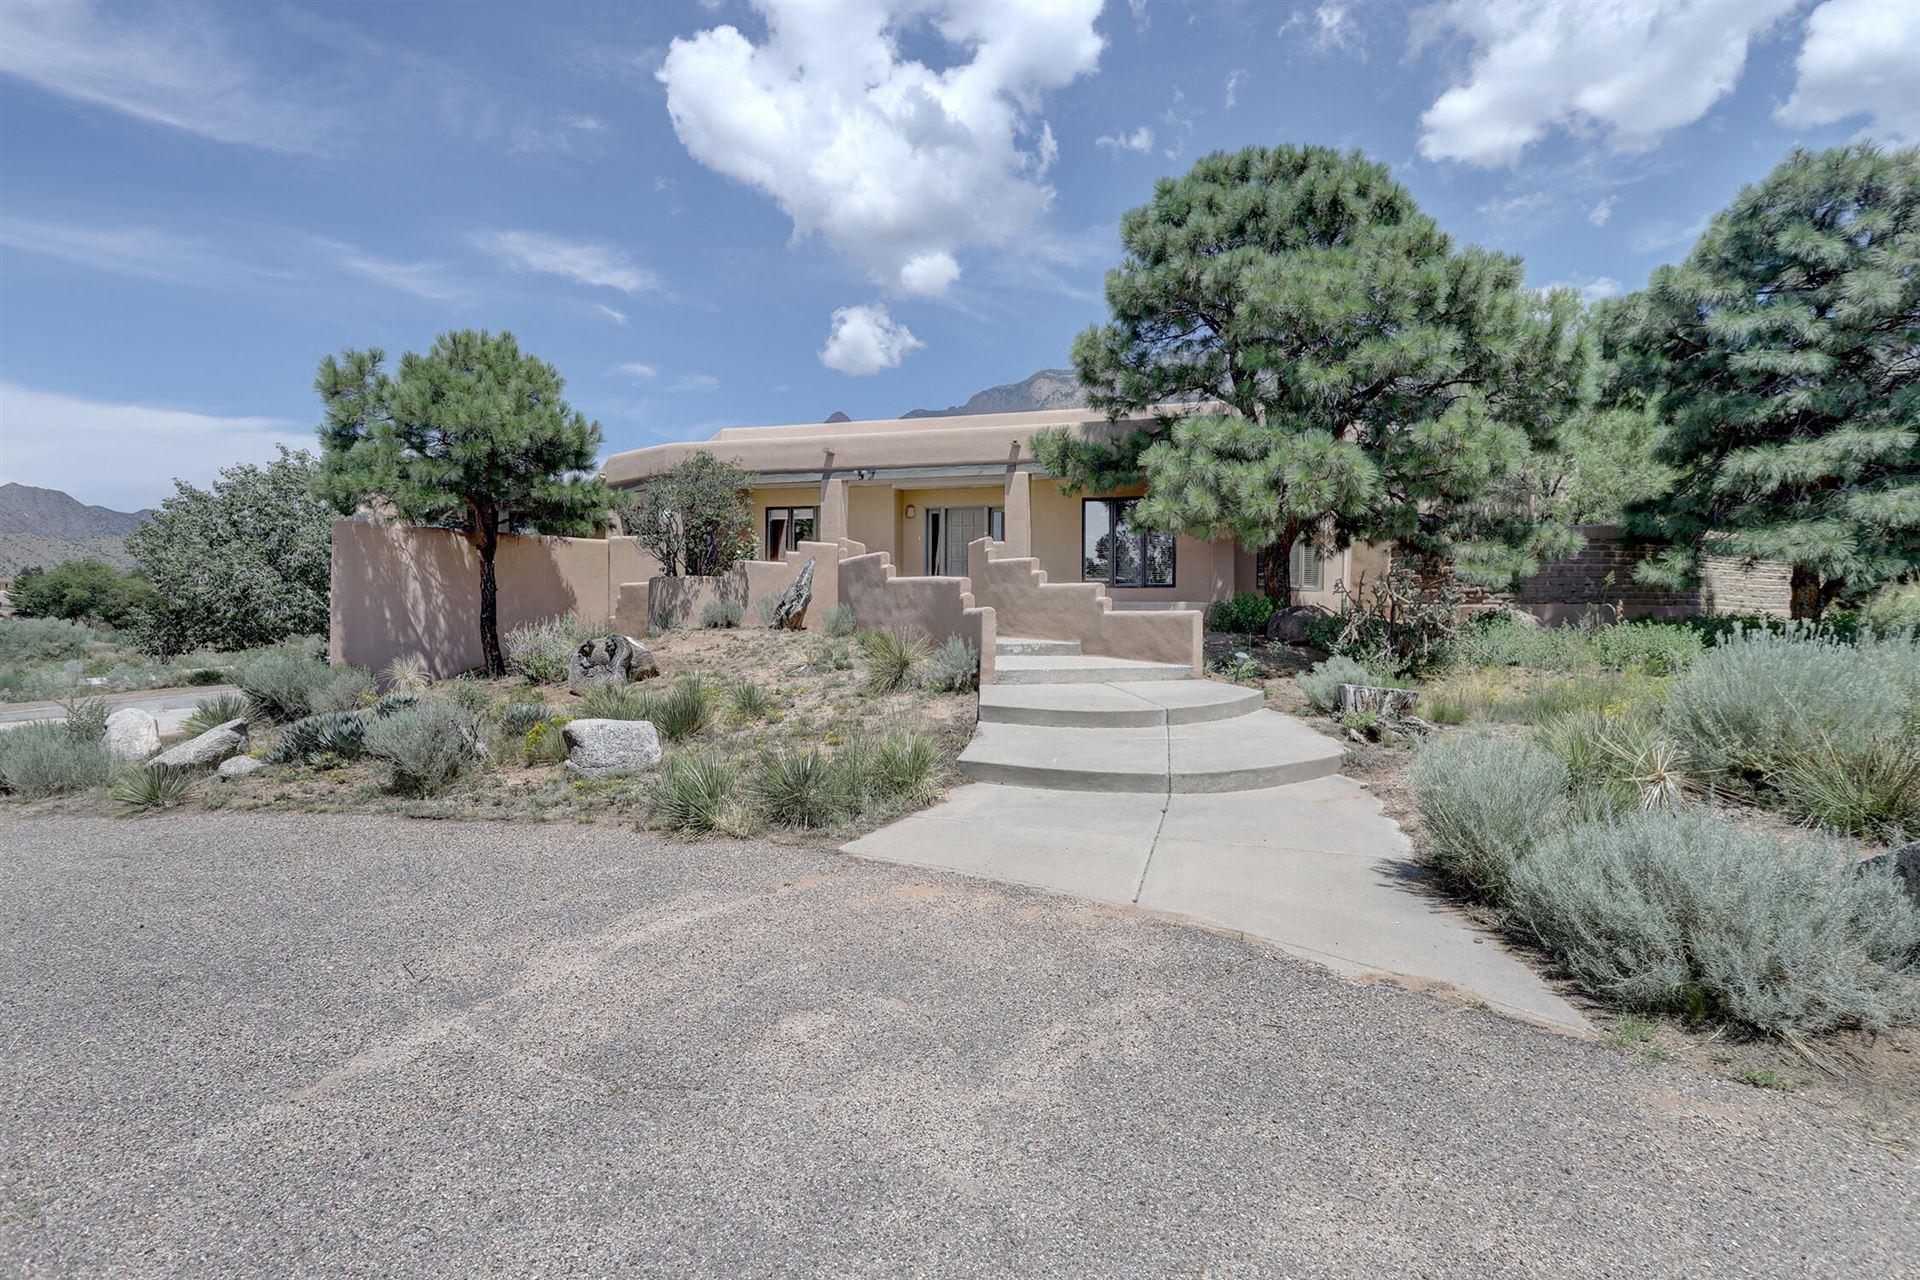 665 1\/2 ROADRUNNER Lane NE, Albuquerque, NM 87122 - #: 998893